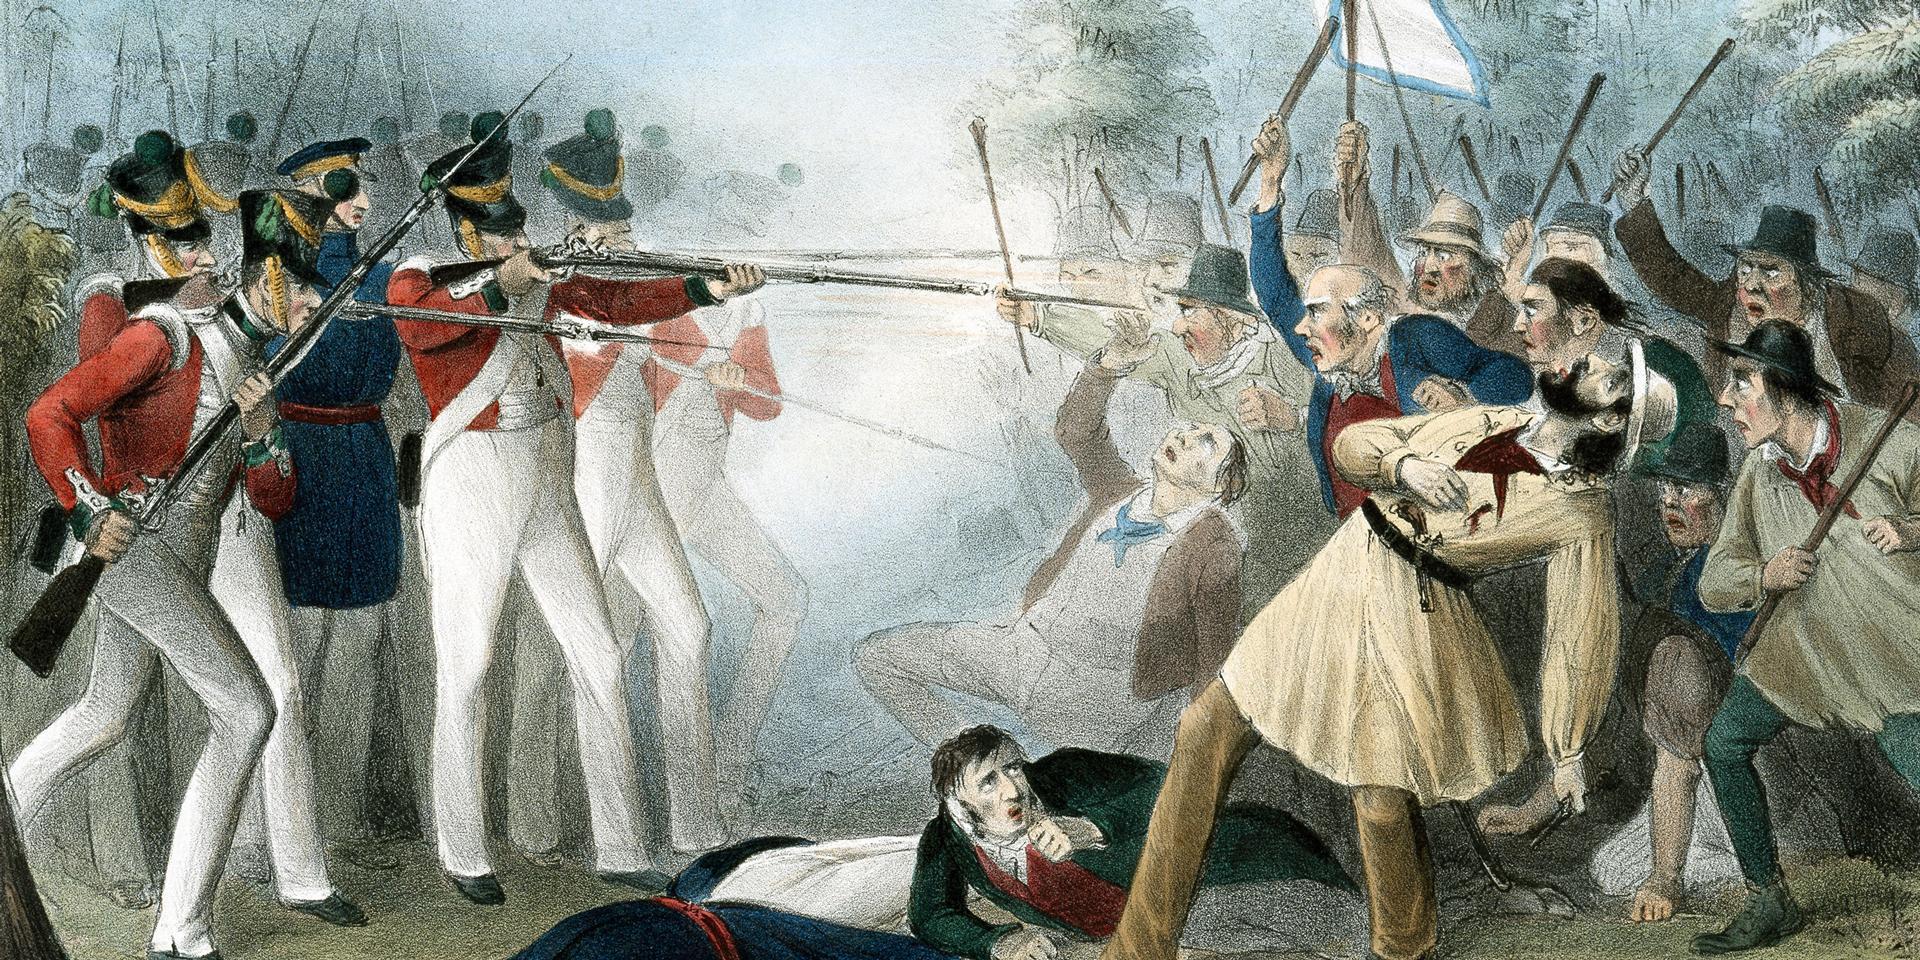 The 'Battle of Bossenden Wood' in Kent, 1838